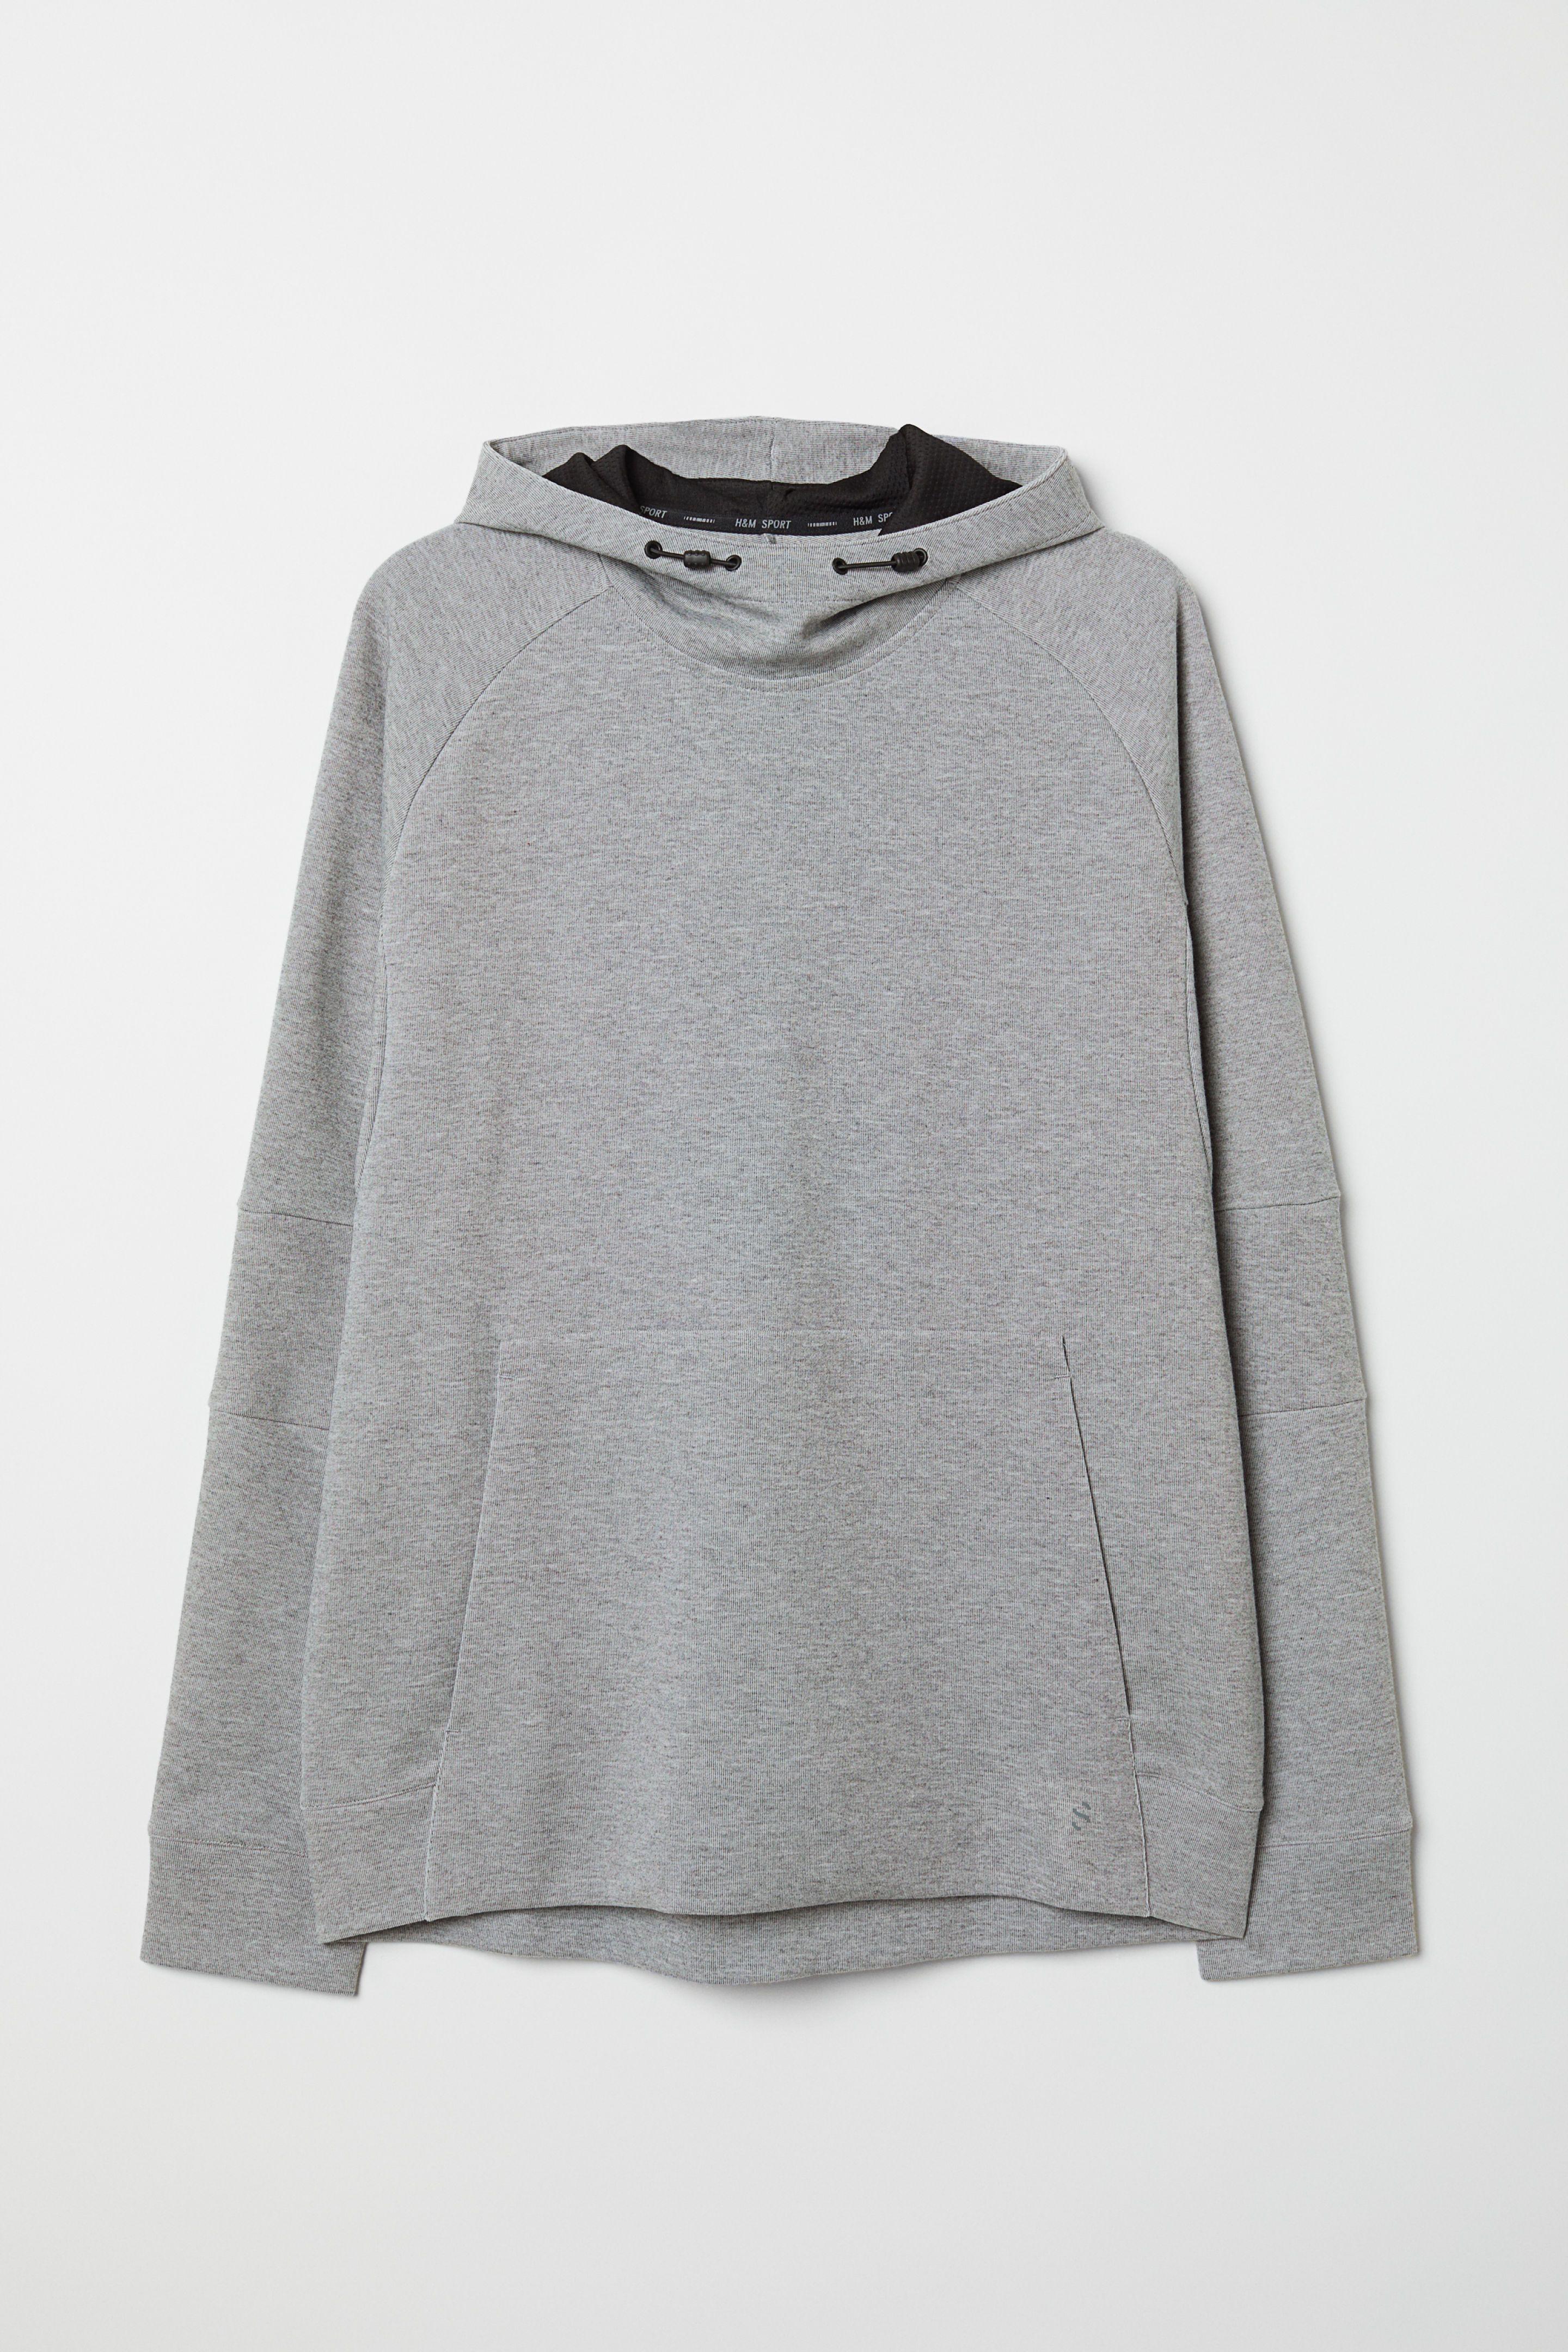 Sweat à capuche homme Adidas L gris clair molleton épais